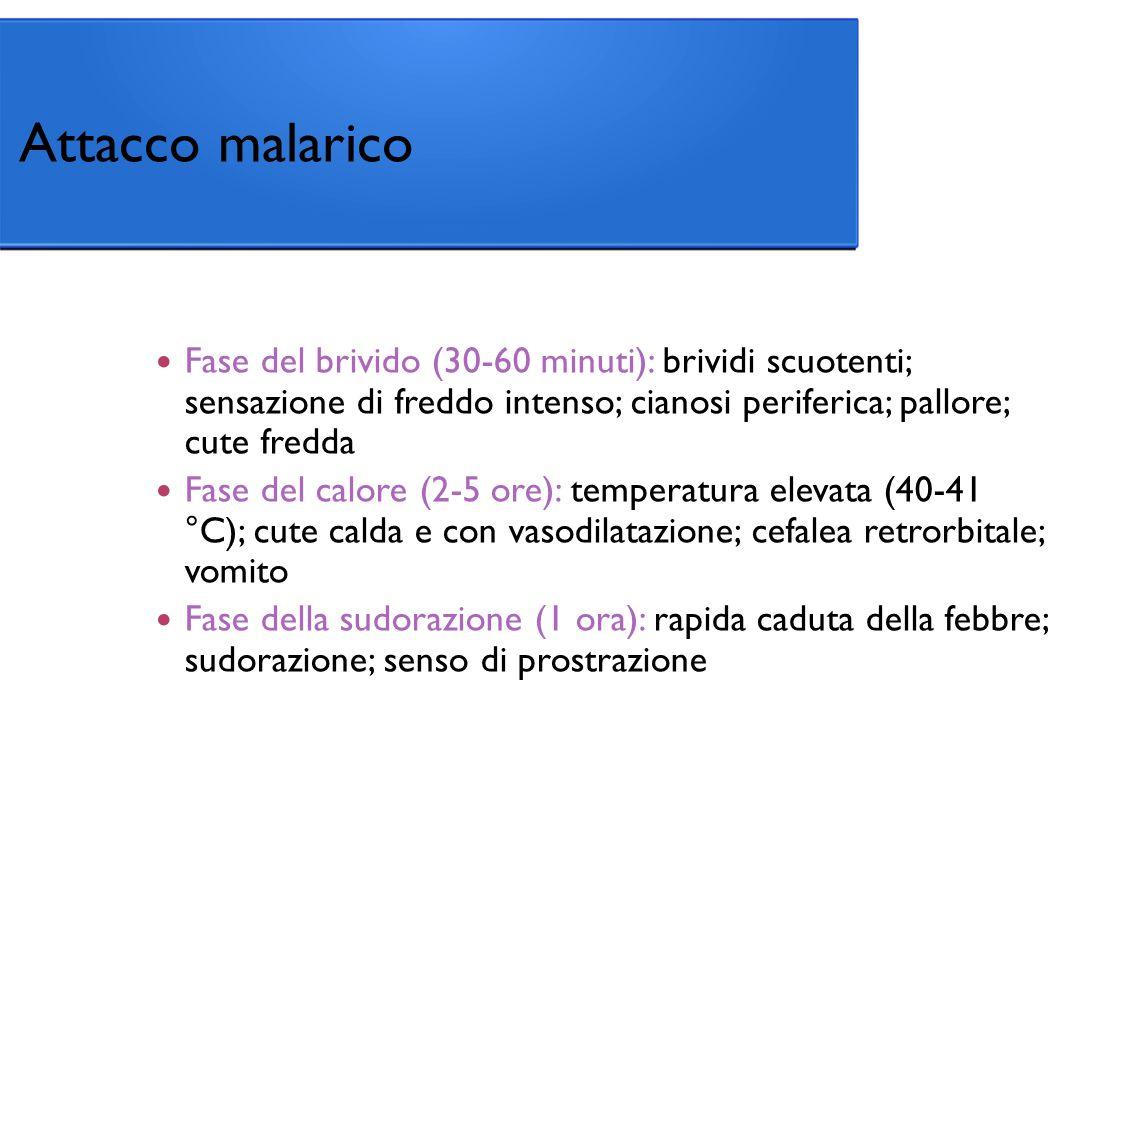 Attacco malarico Fase del brivido (30-60 minuti): brividi scuotenti; sensazione di freddo intenso; cianosi periferica; pallore; cute fredda.